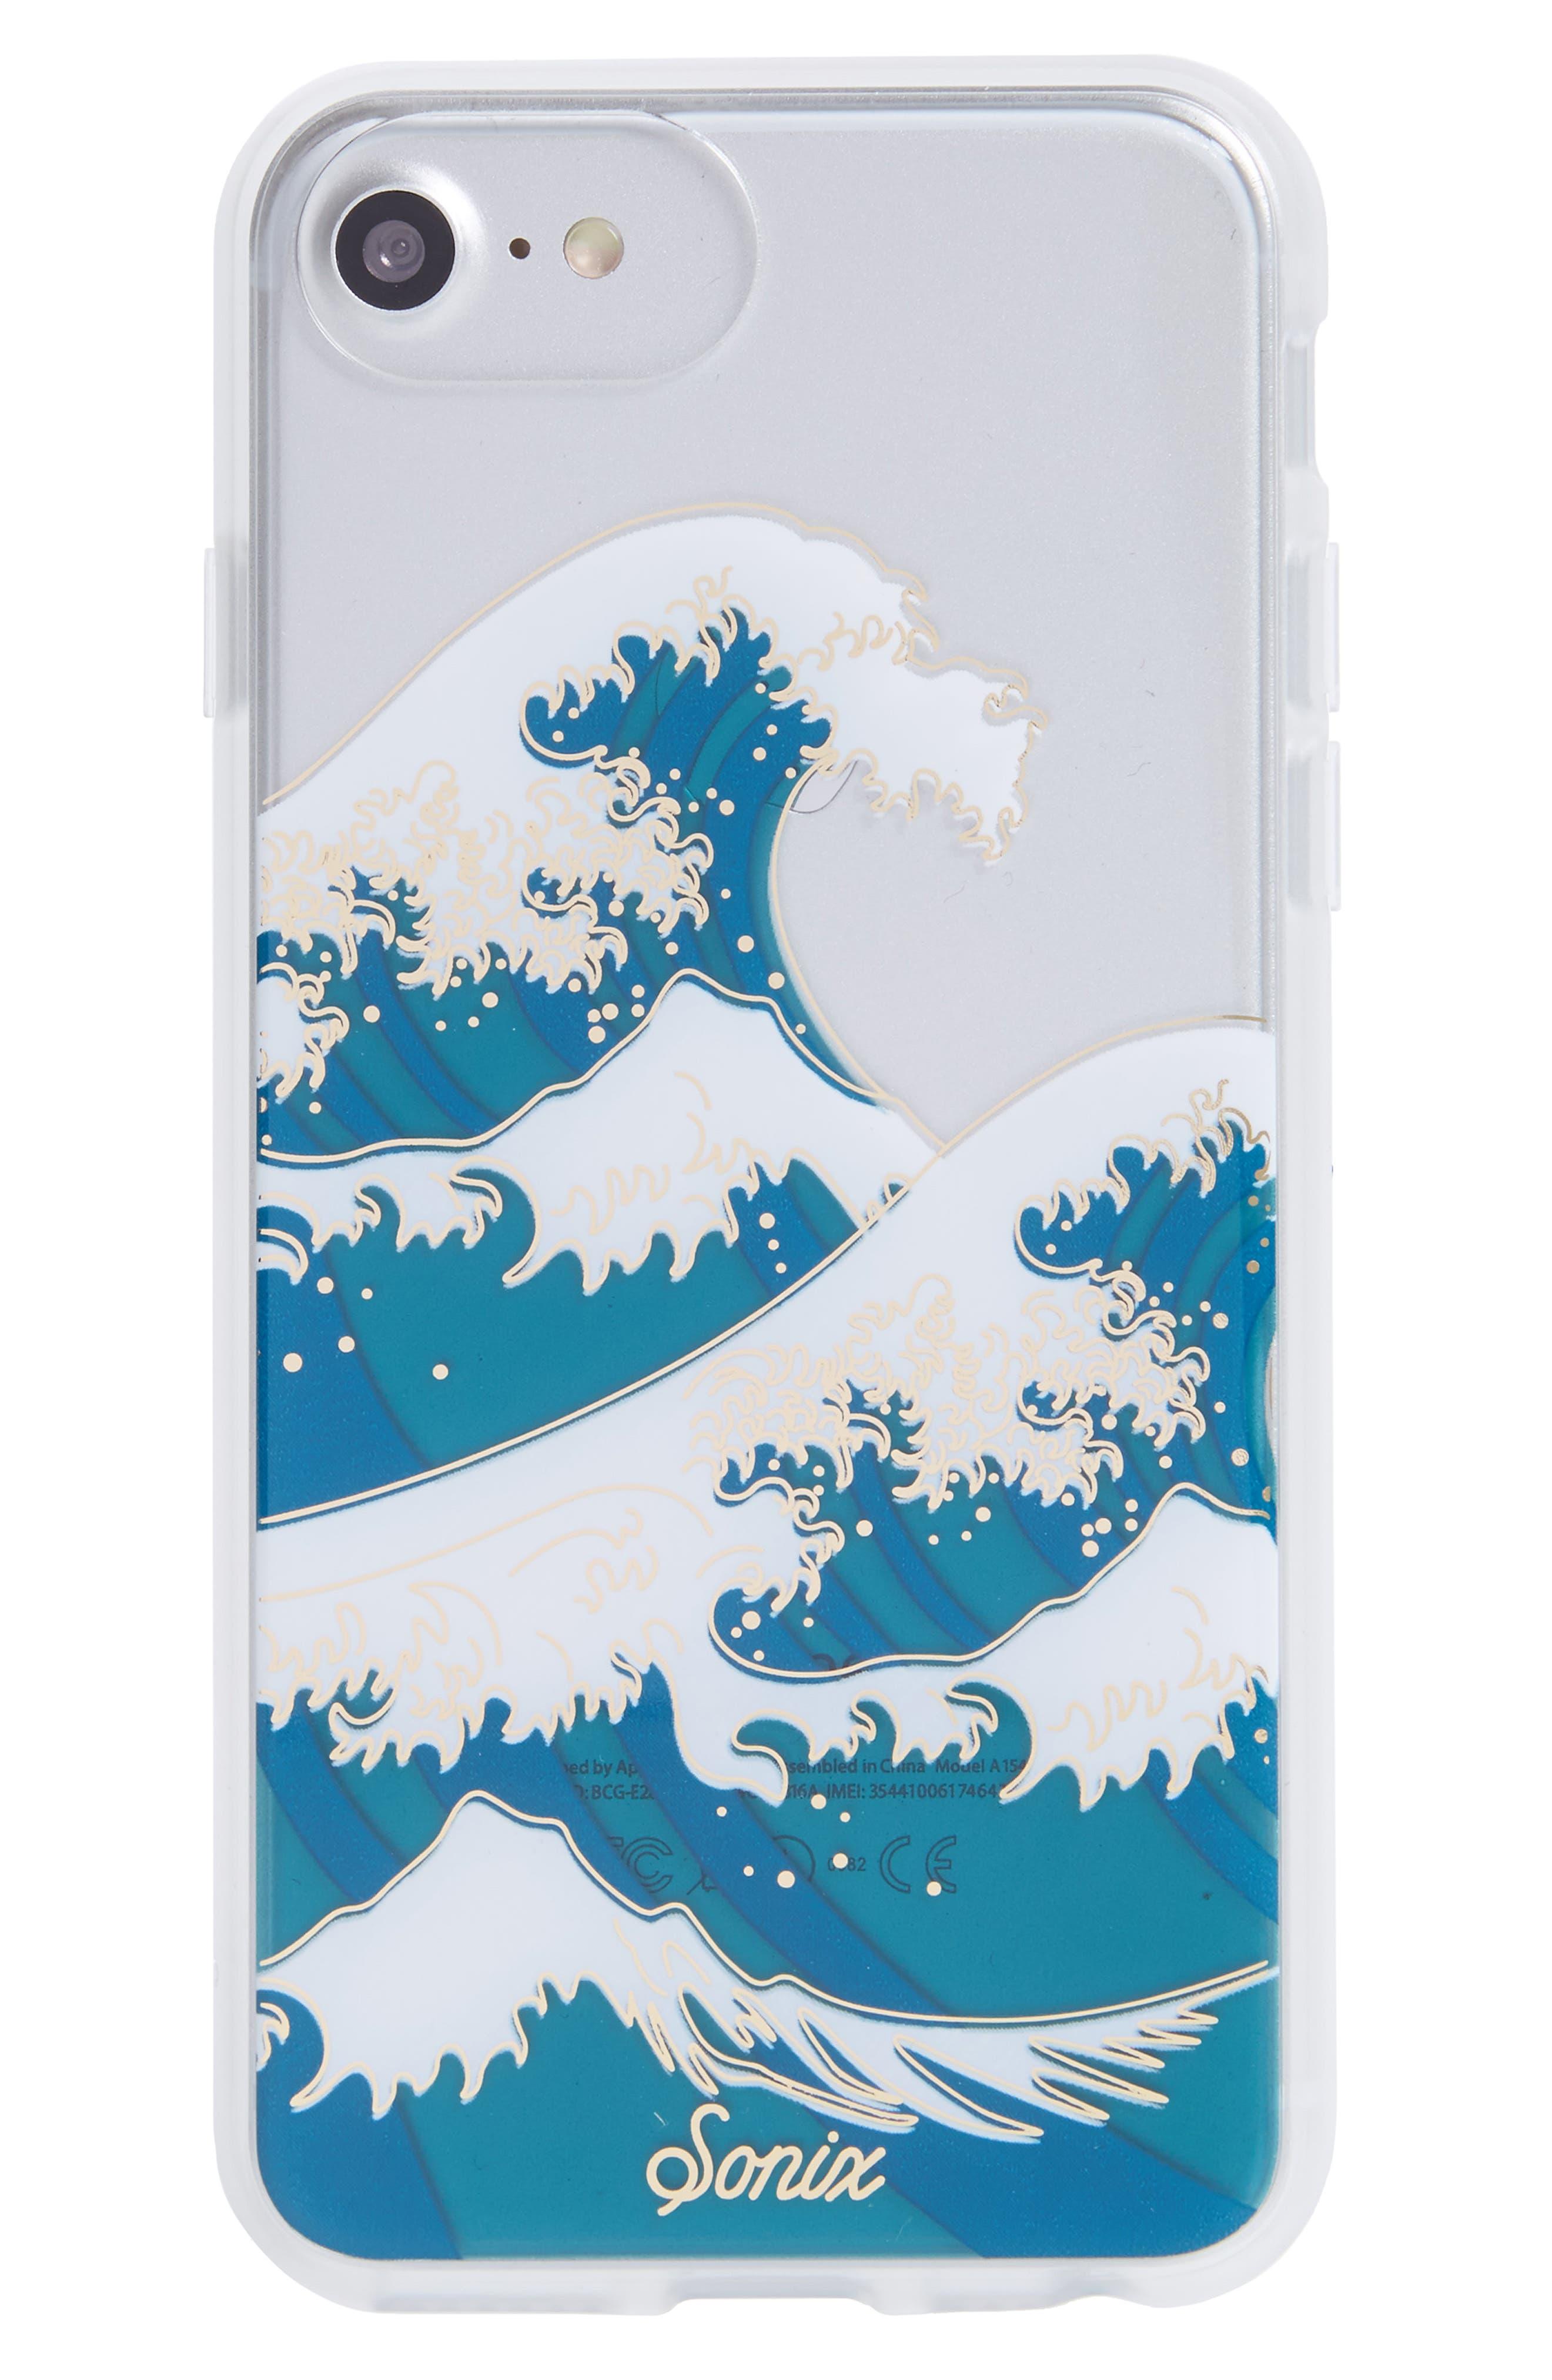 Tokyo Wave iPhone 6/6s/7/8 & 6/6s/7/8 Plus Case,                         Main,                         color, 400